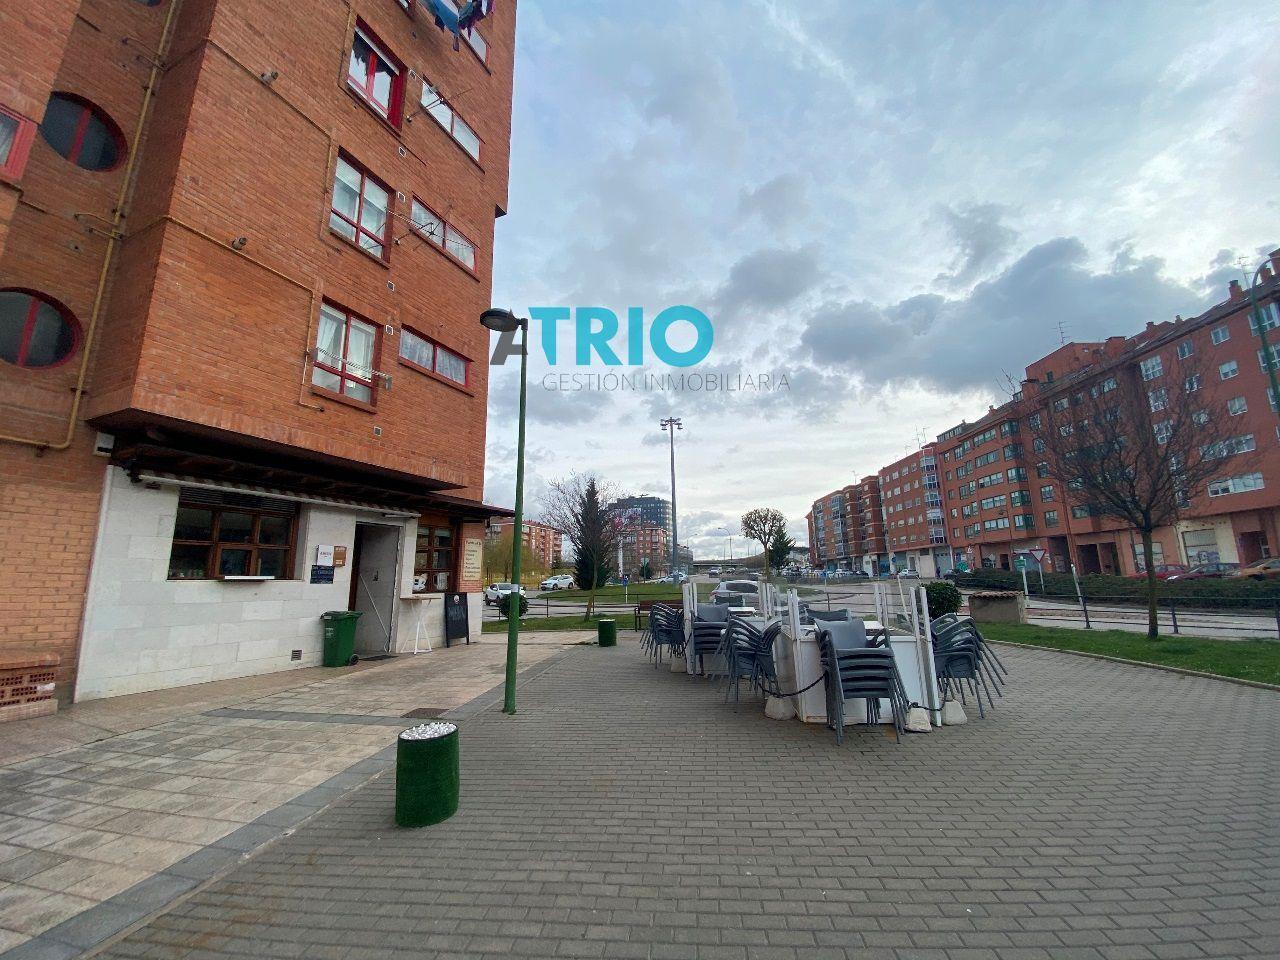 dia.mobiliagestion.es/Portals/inmoatrio/Images/6652/4231551